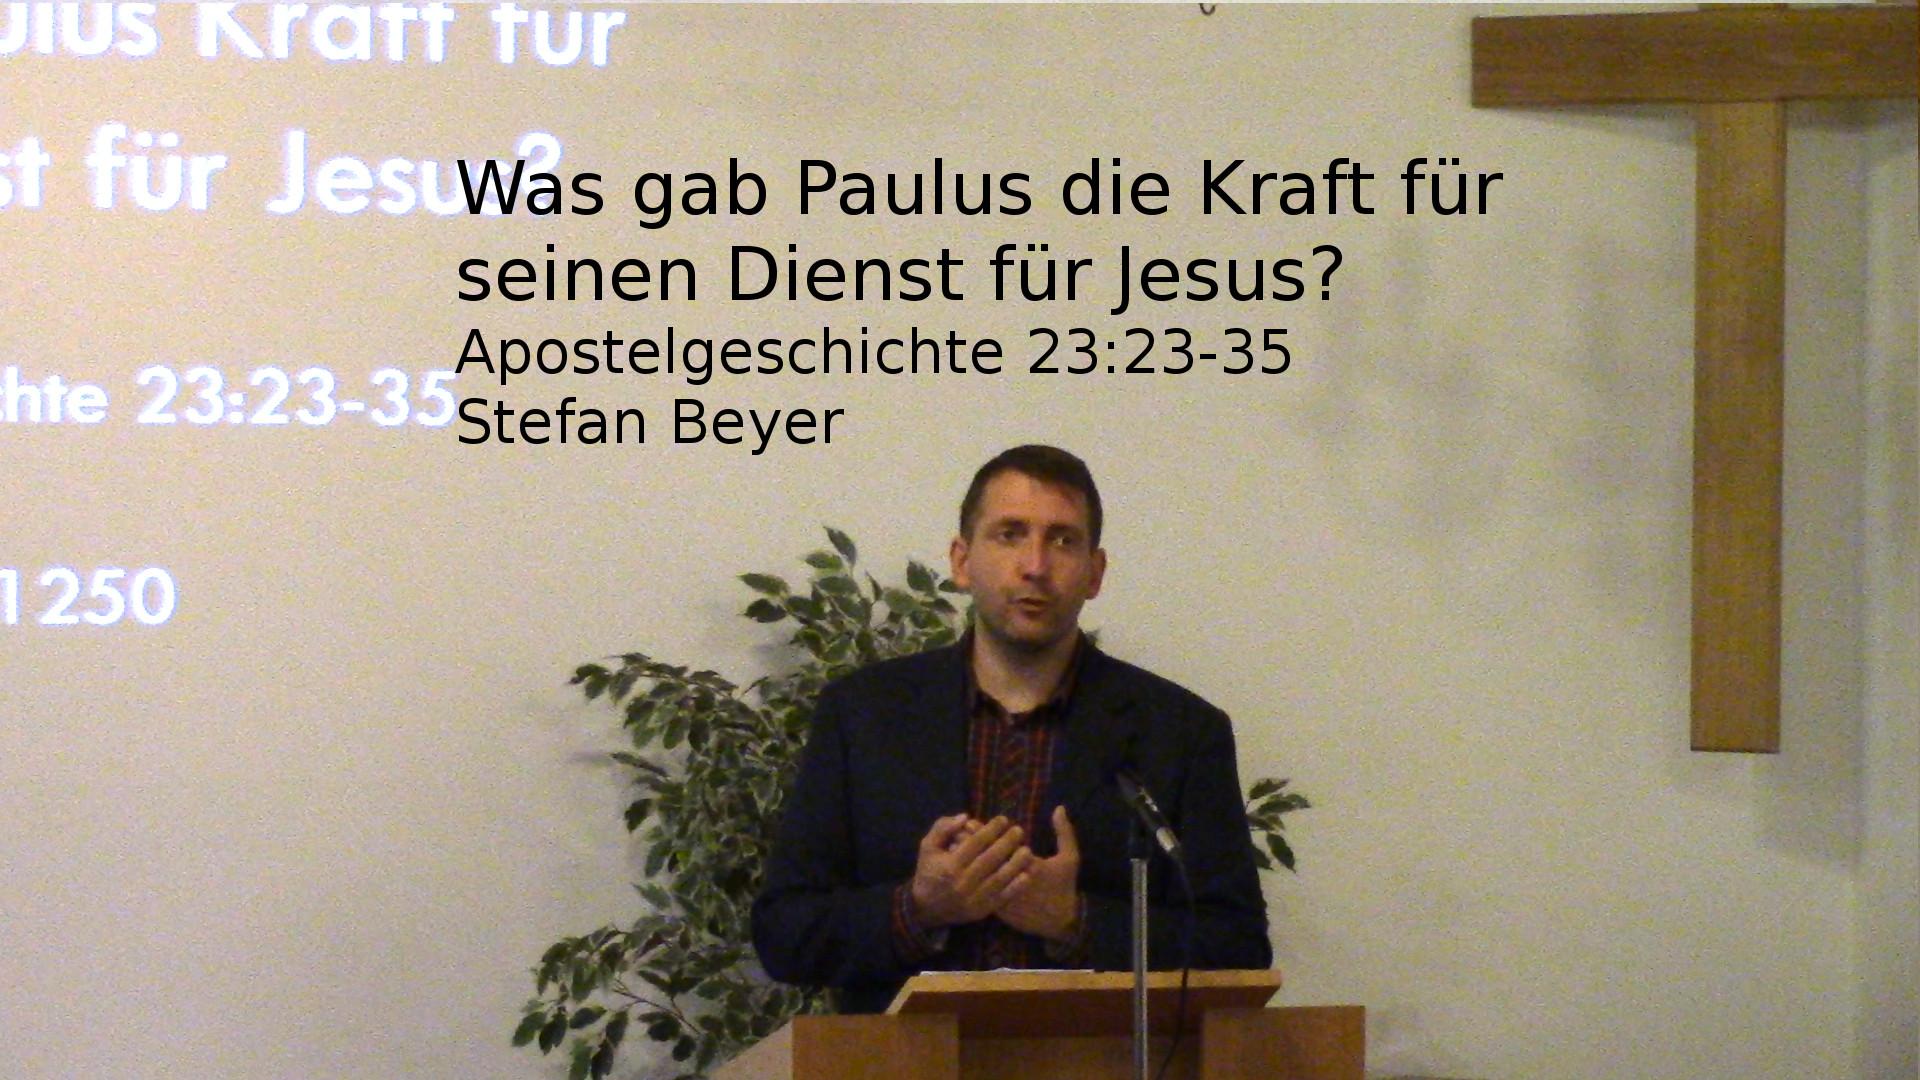 Was gab Paulus die Kraft für seinen Dienst für Jesus?